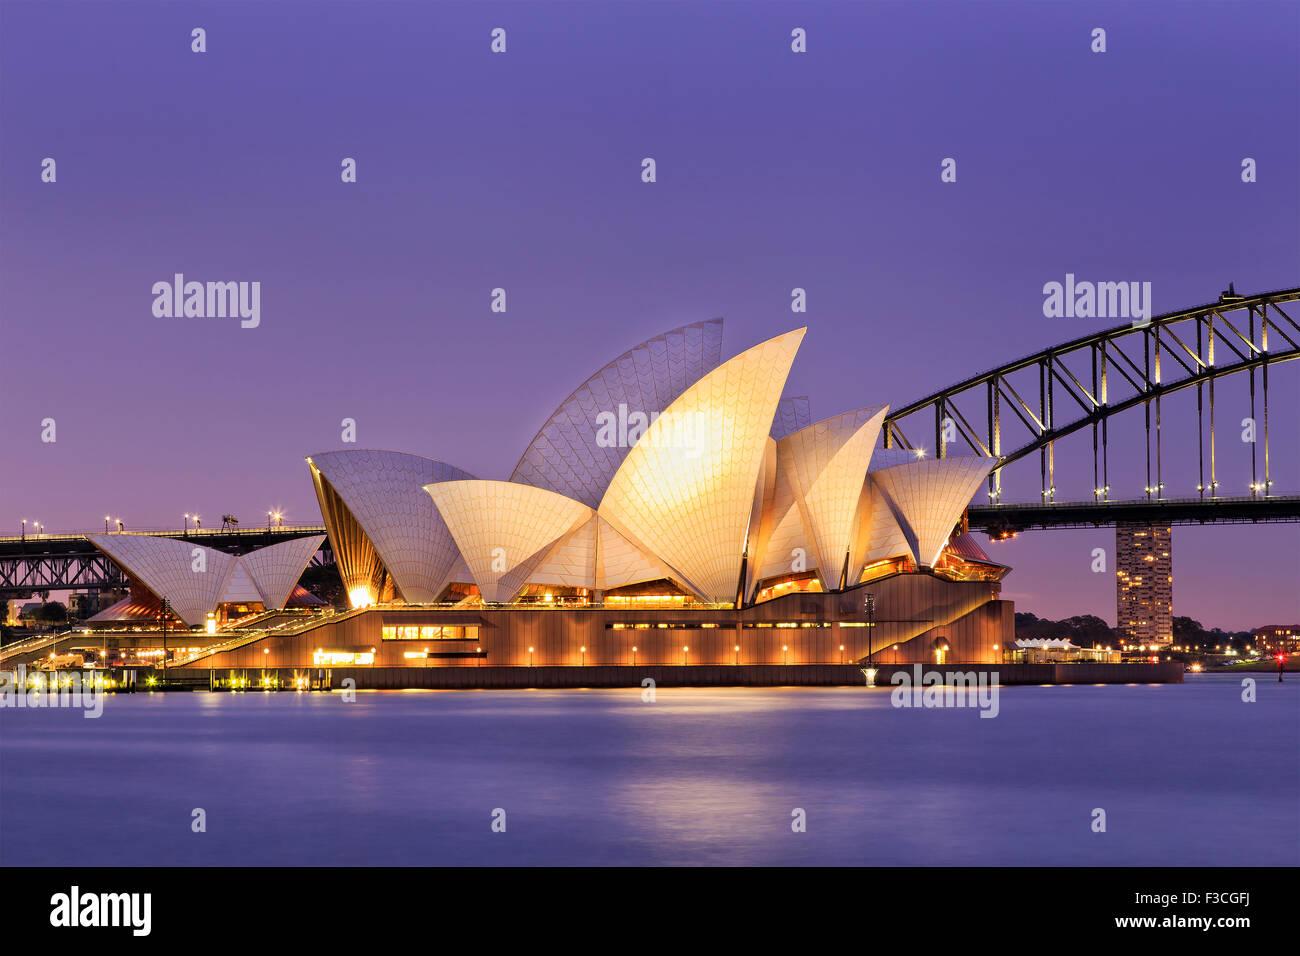 SYDNEY, Australia, 10 luglio 2015 - Sydney Opera House e il Ponte del Porto di Sydney al tramonto. Iconica e mondo famoso punto di riferimento Foto Stock